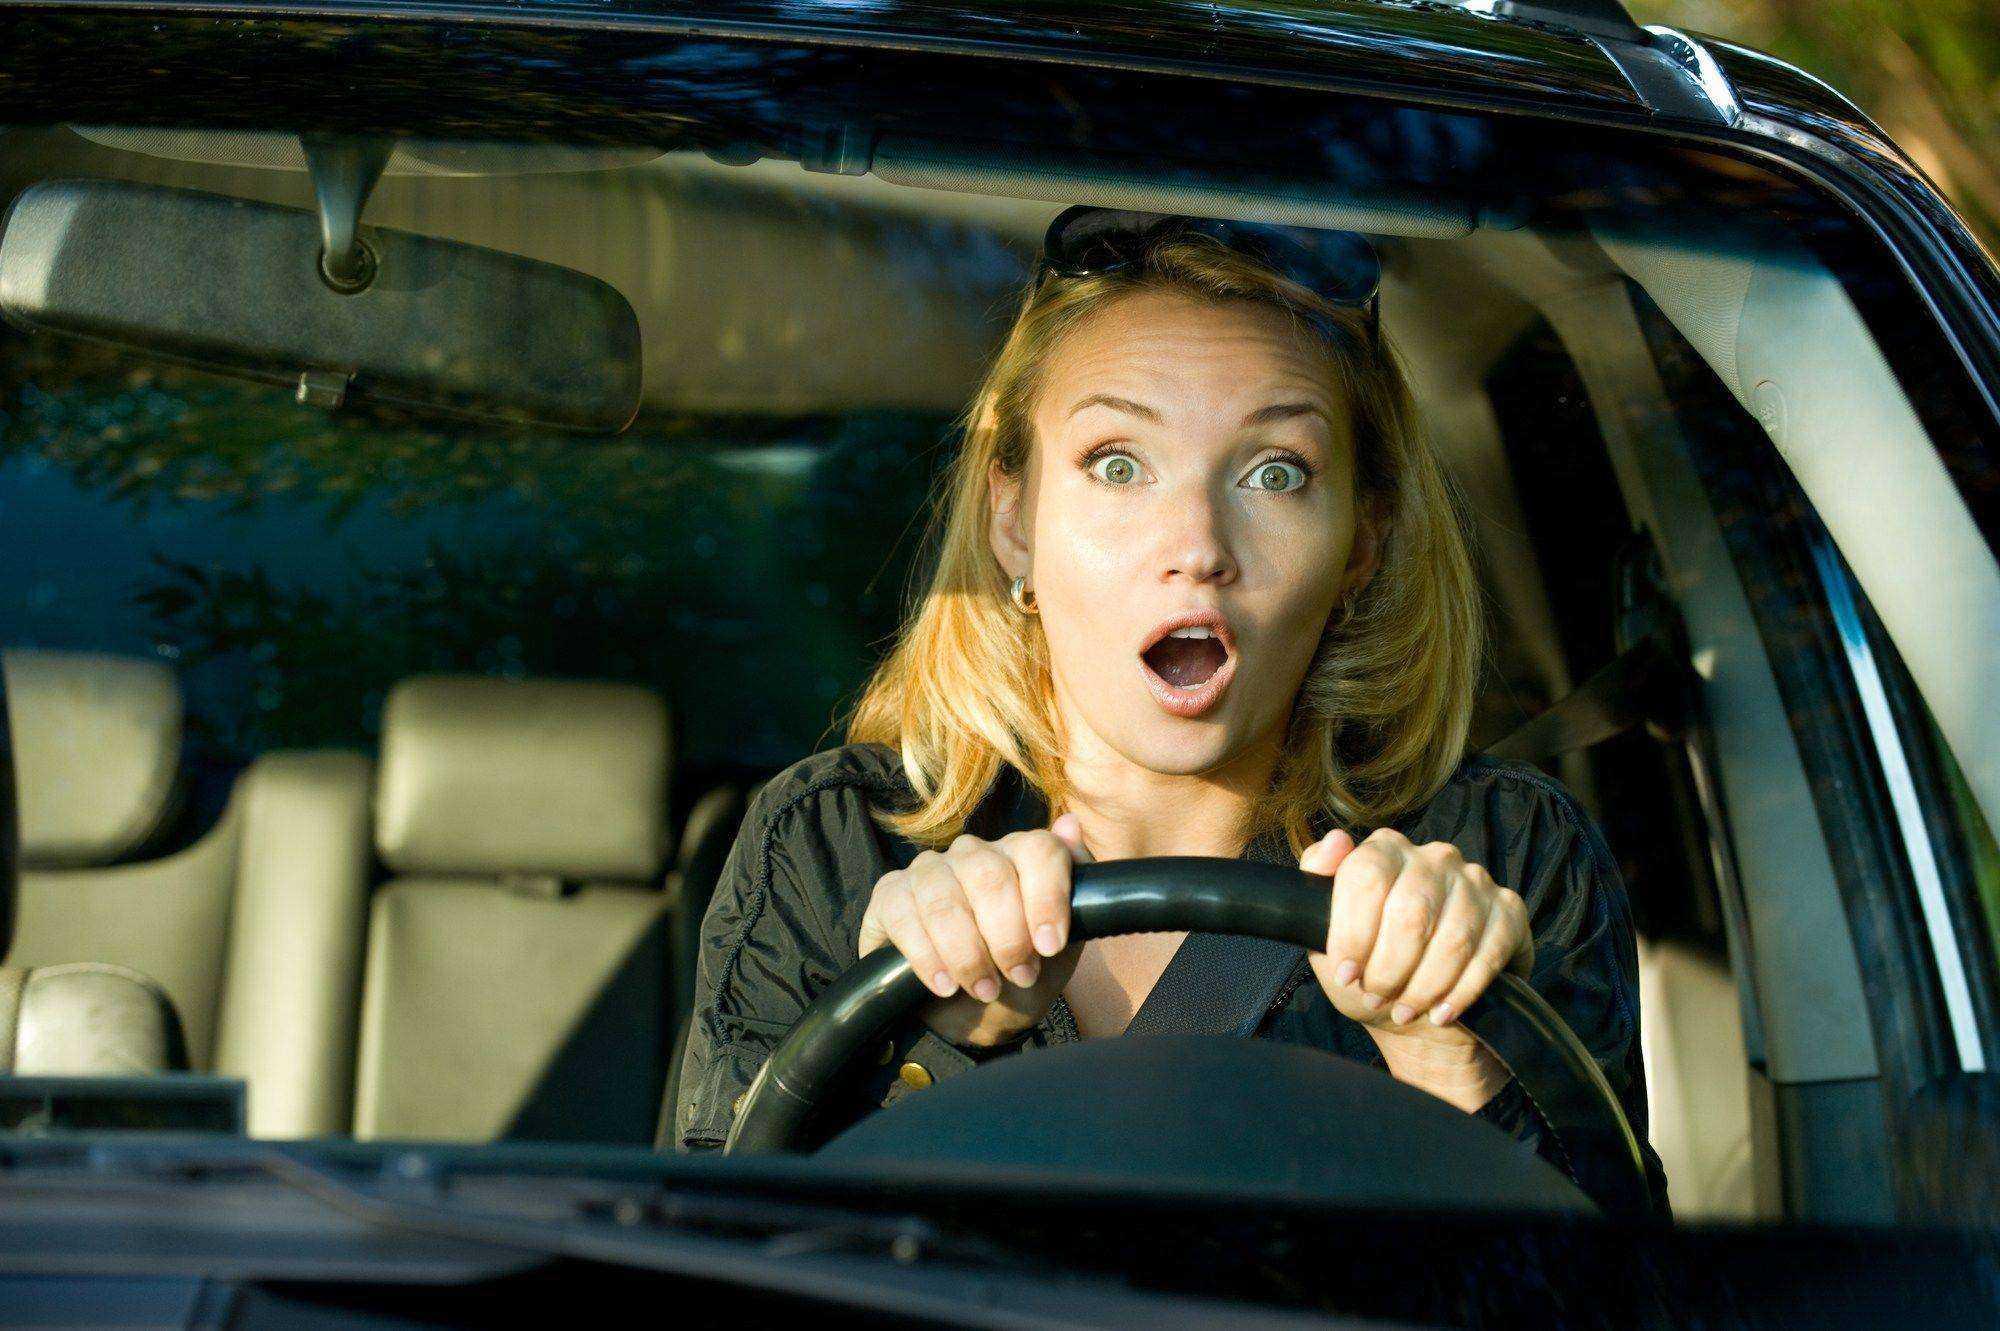 Îți este frică să șofezi? Care este explicația și ce soluții există